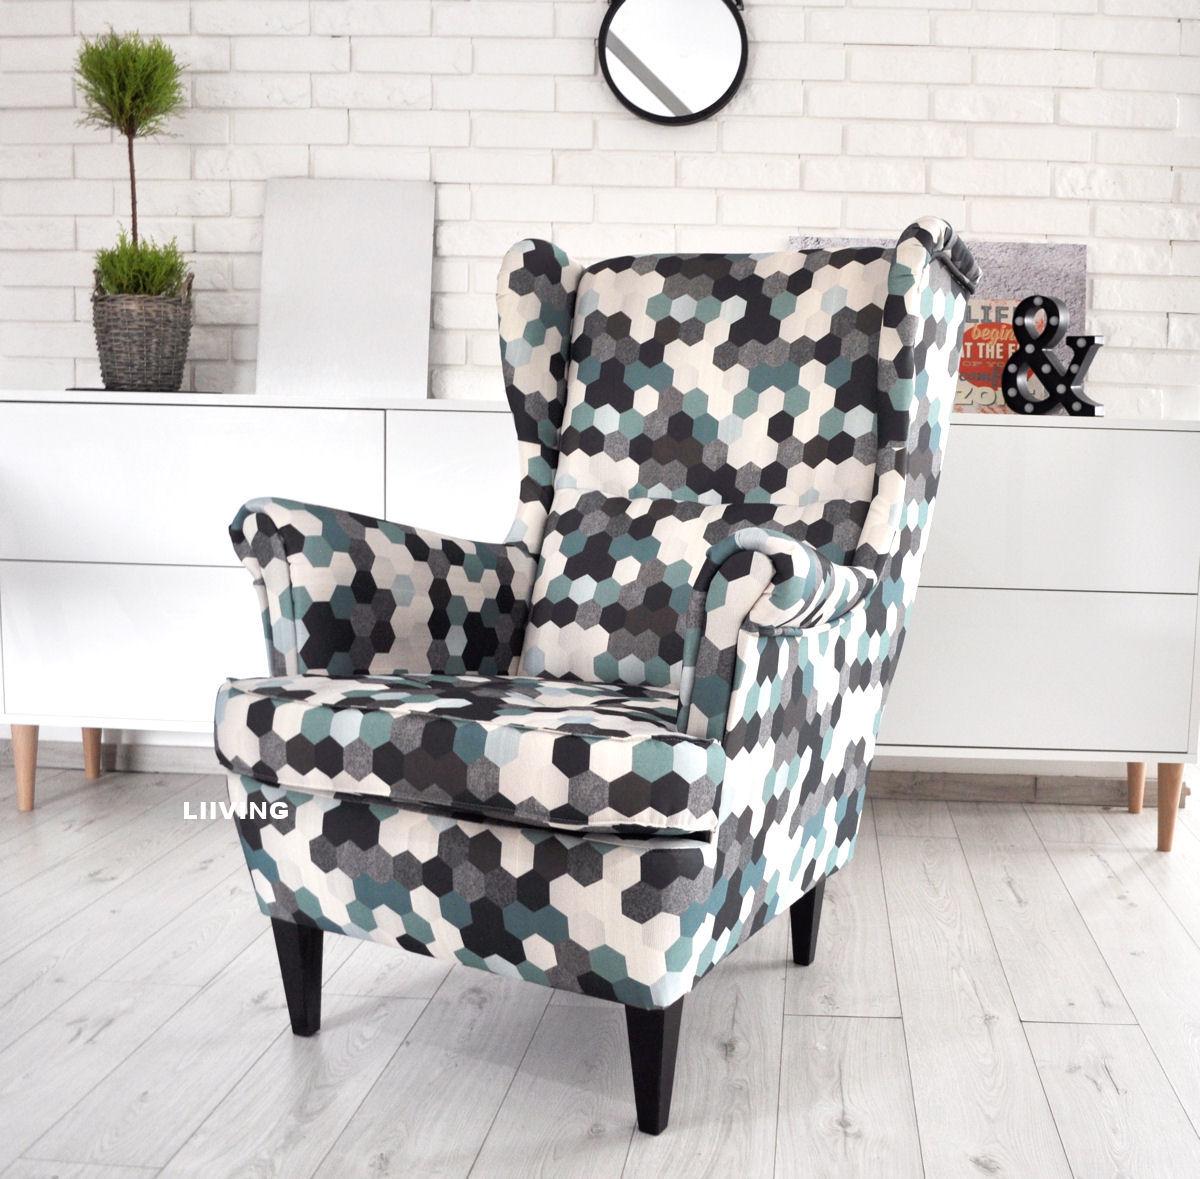 fotel w heksagonach